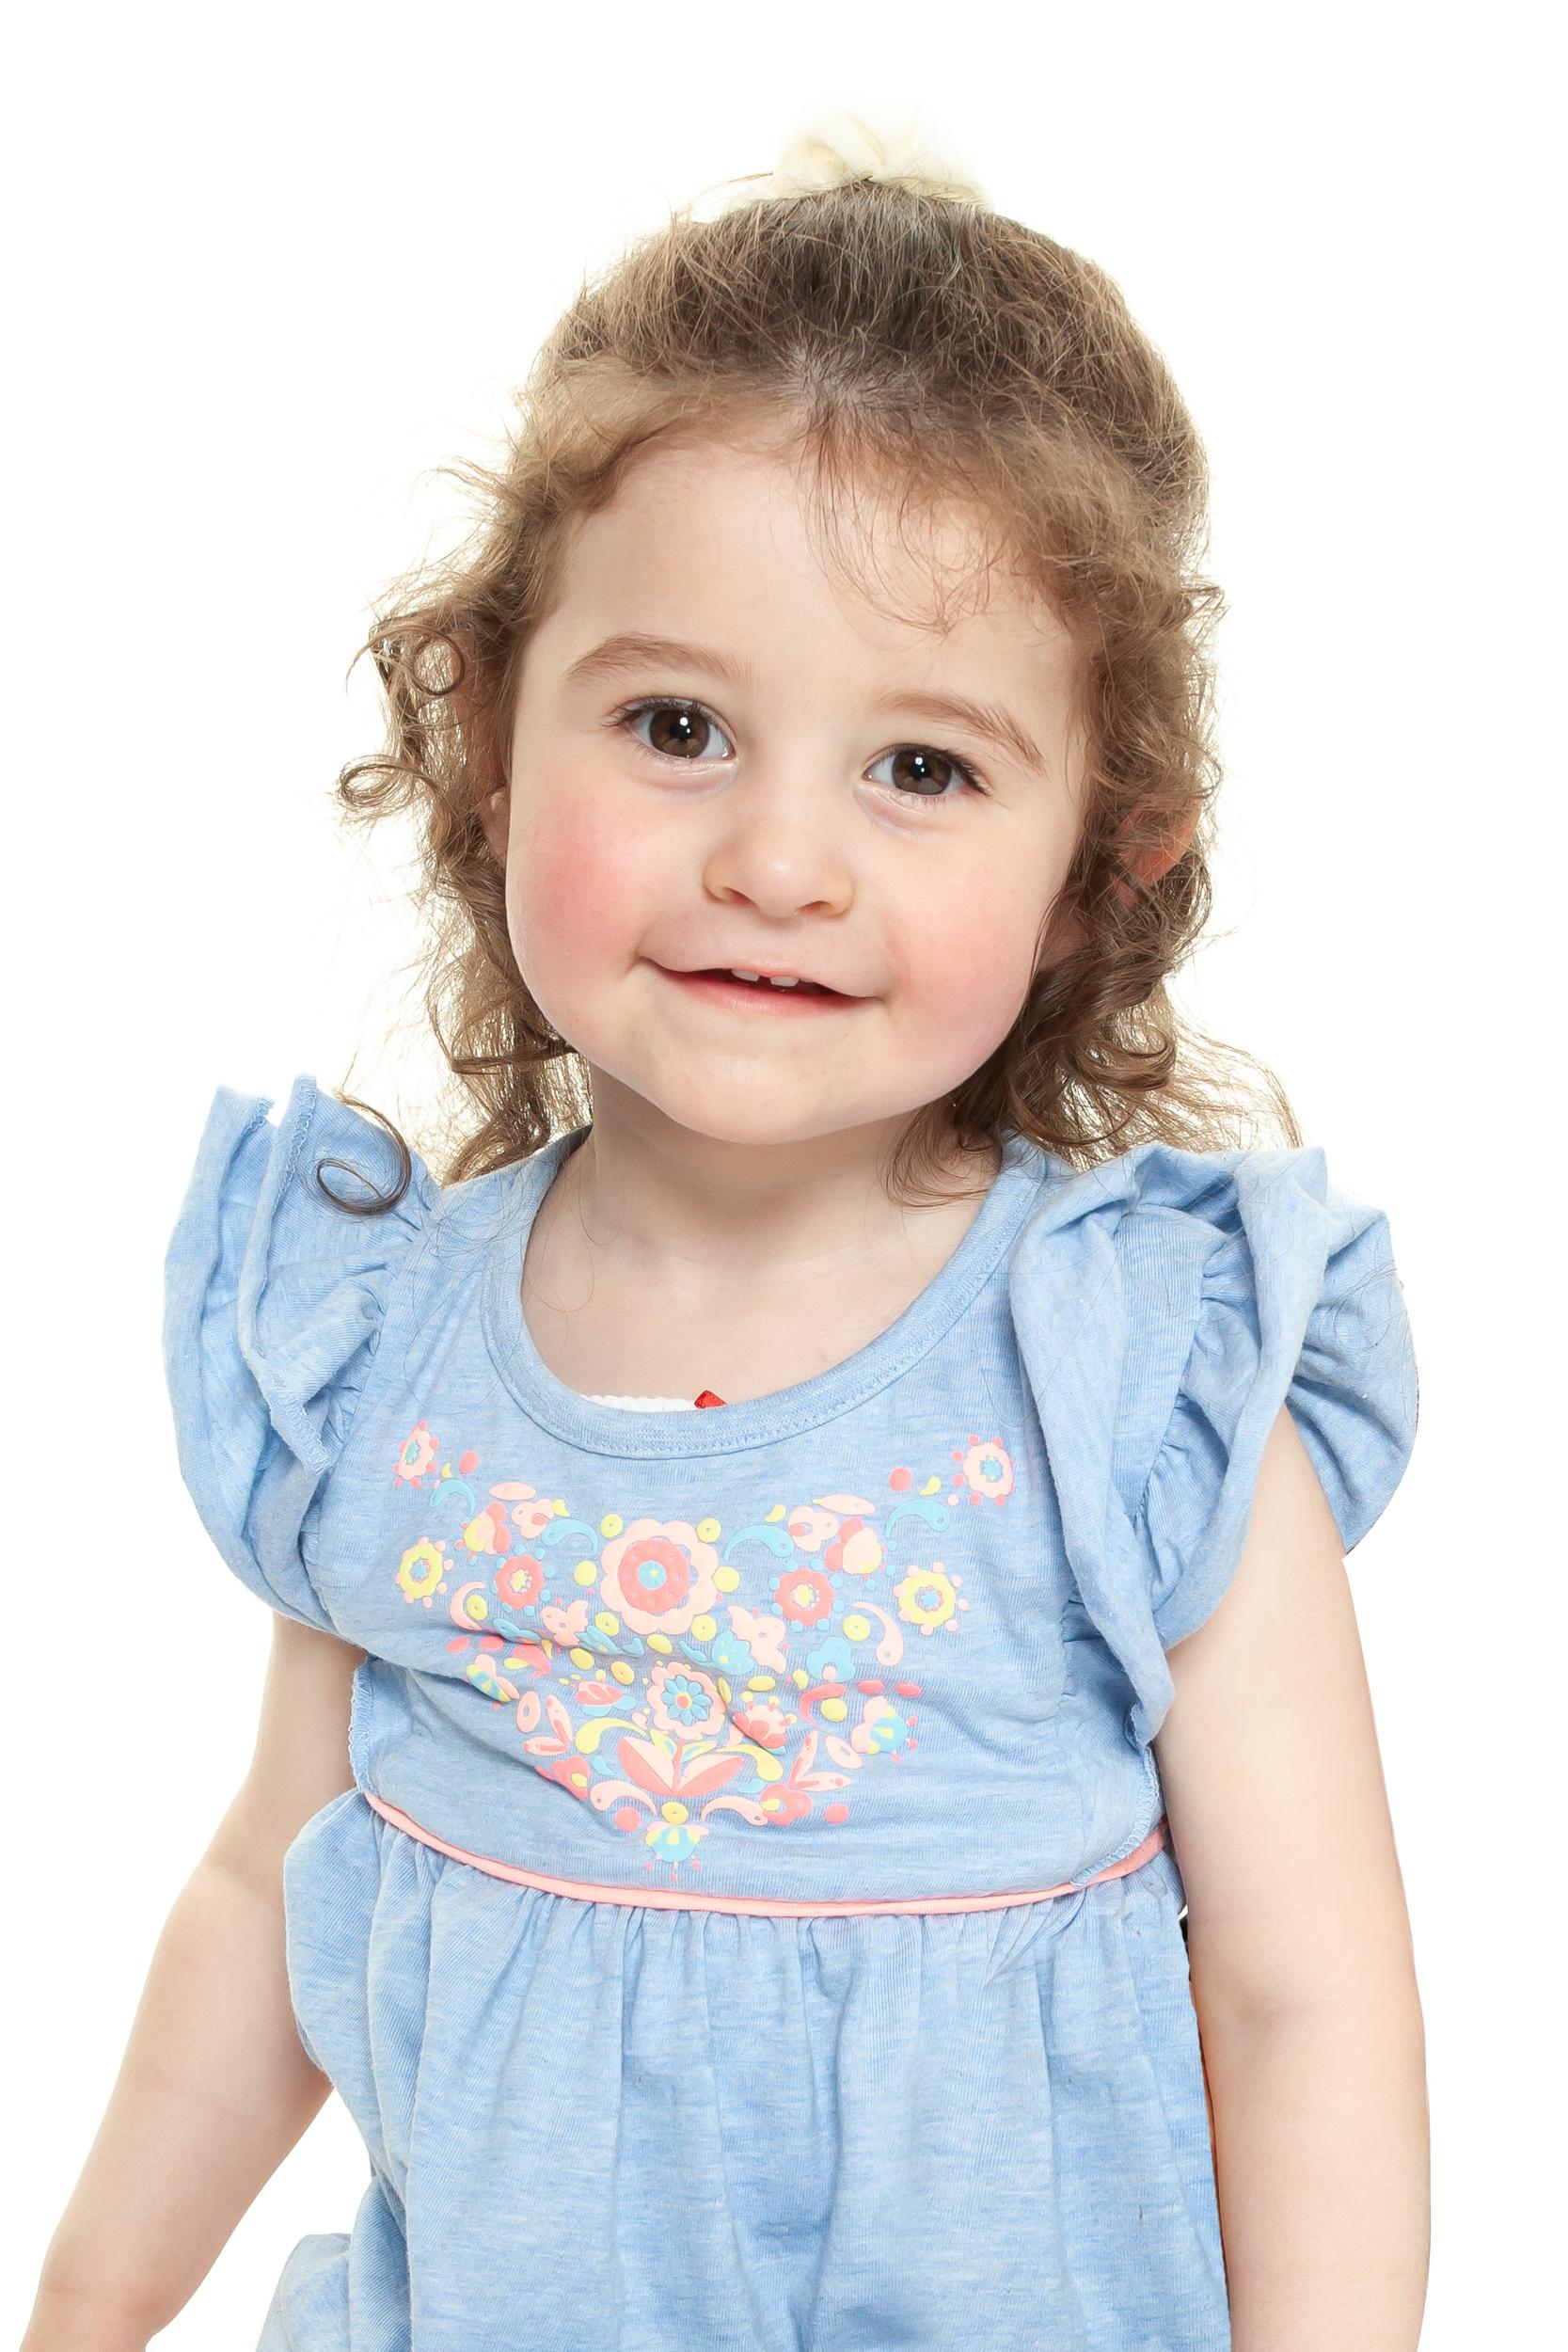 Eloise O'Duffy 06-15-2019-226.jpg